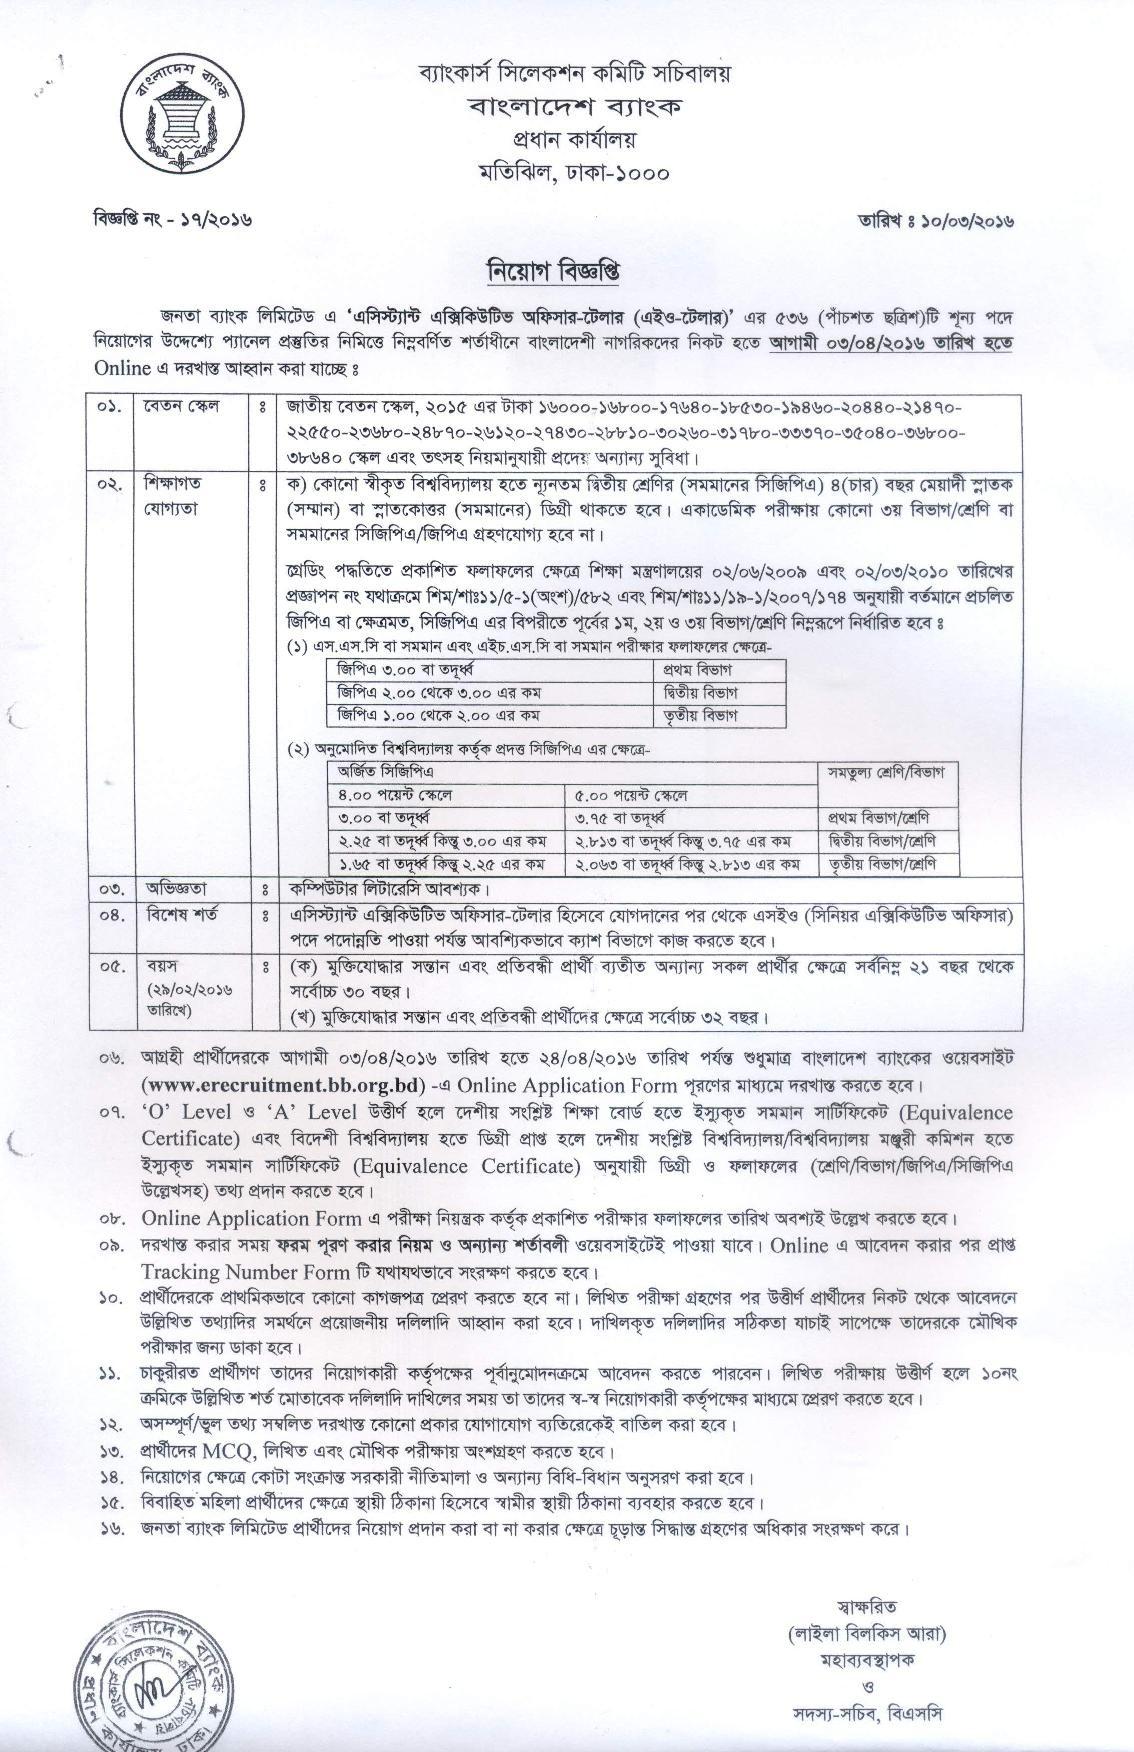 Janata Bank Limited job circular 2019